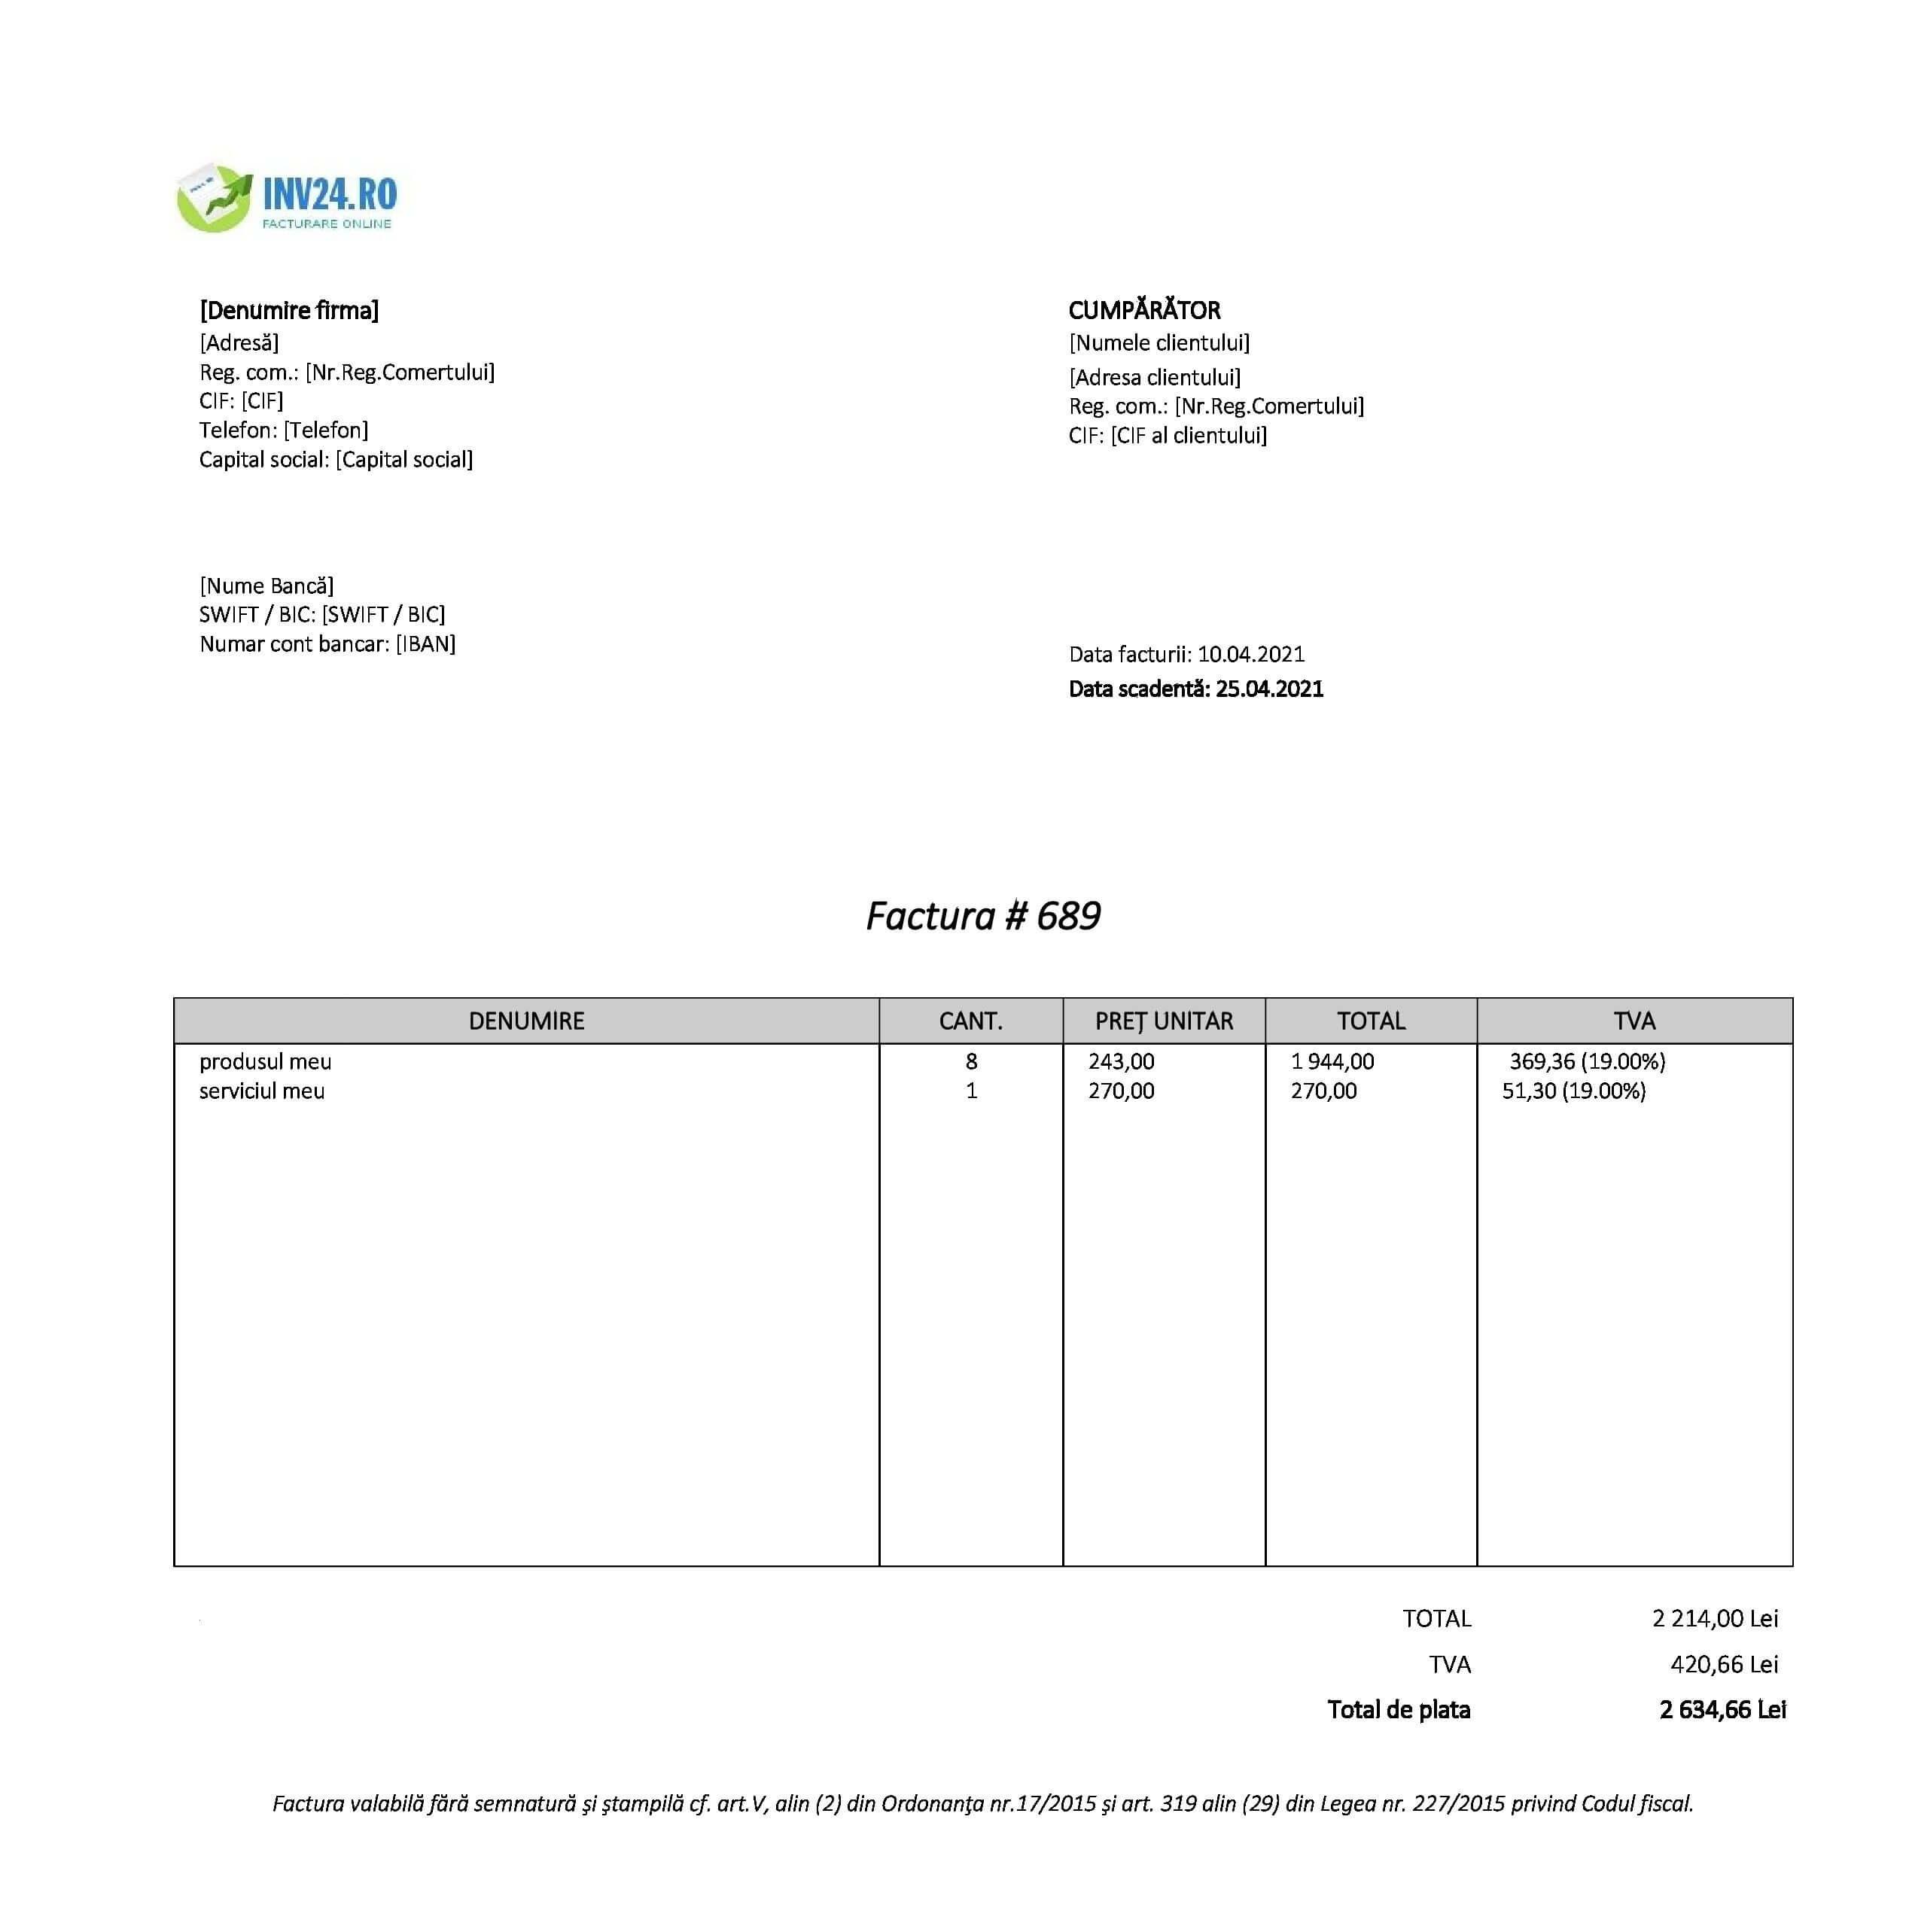 factură electronica model